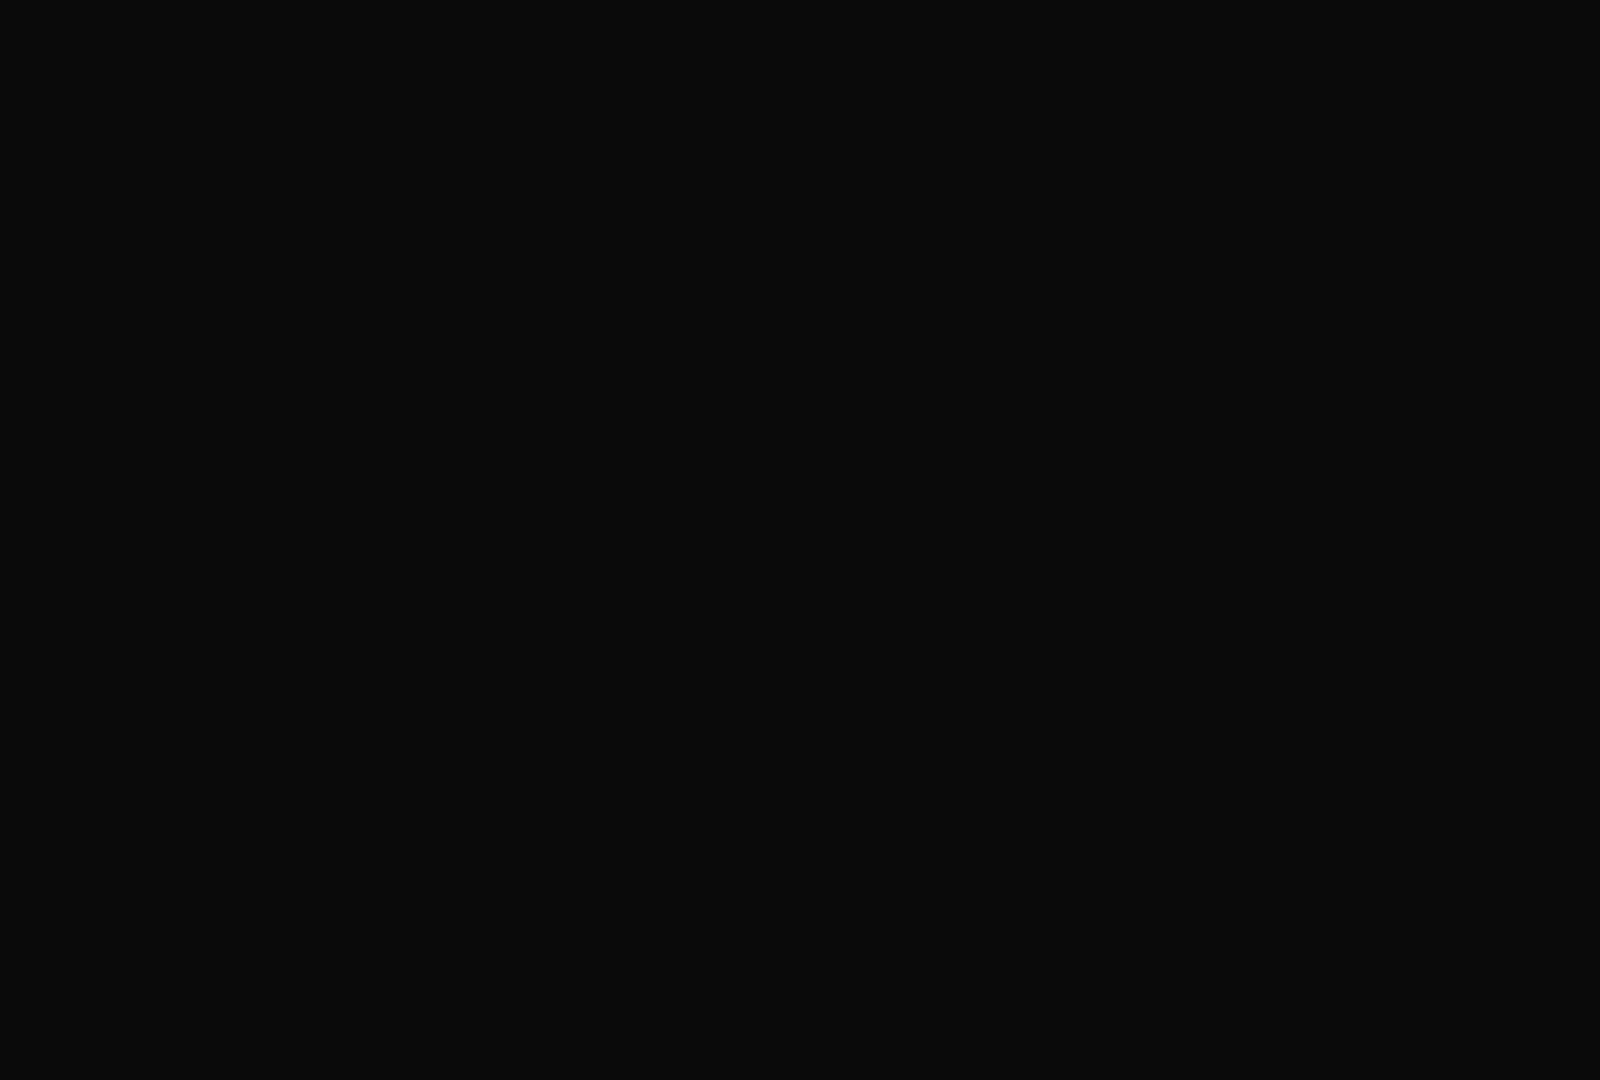 充血監督の深夜の運動会Vol.101 エッチなセックス  68画像 16